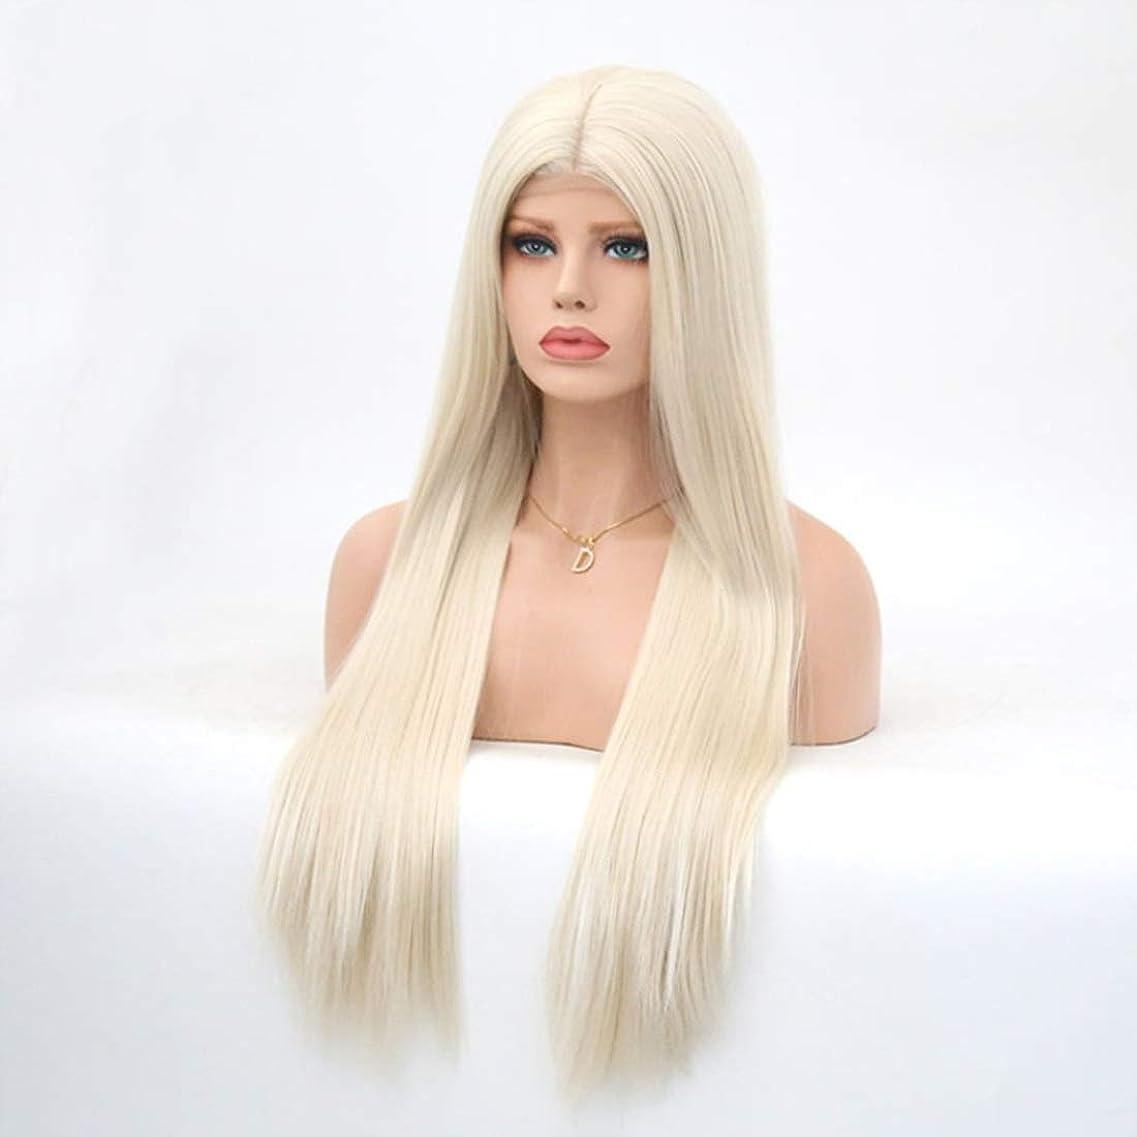 ハードリングペンス相対サイズKoloeplf レディースシルクロングストレートブラックウィッグ耐熱合成かつら前髪付きウィッグ女性用ウィッグ